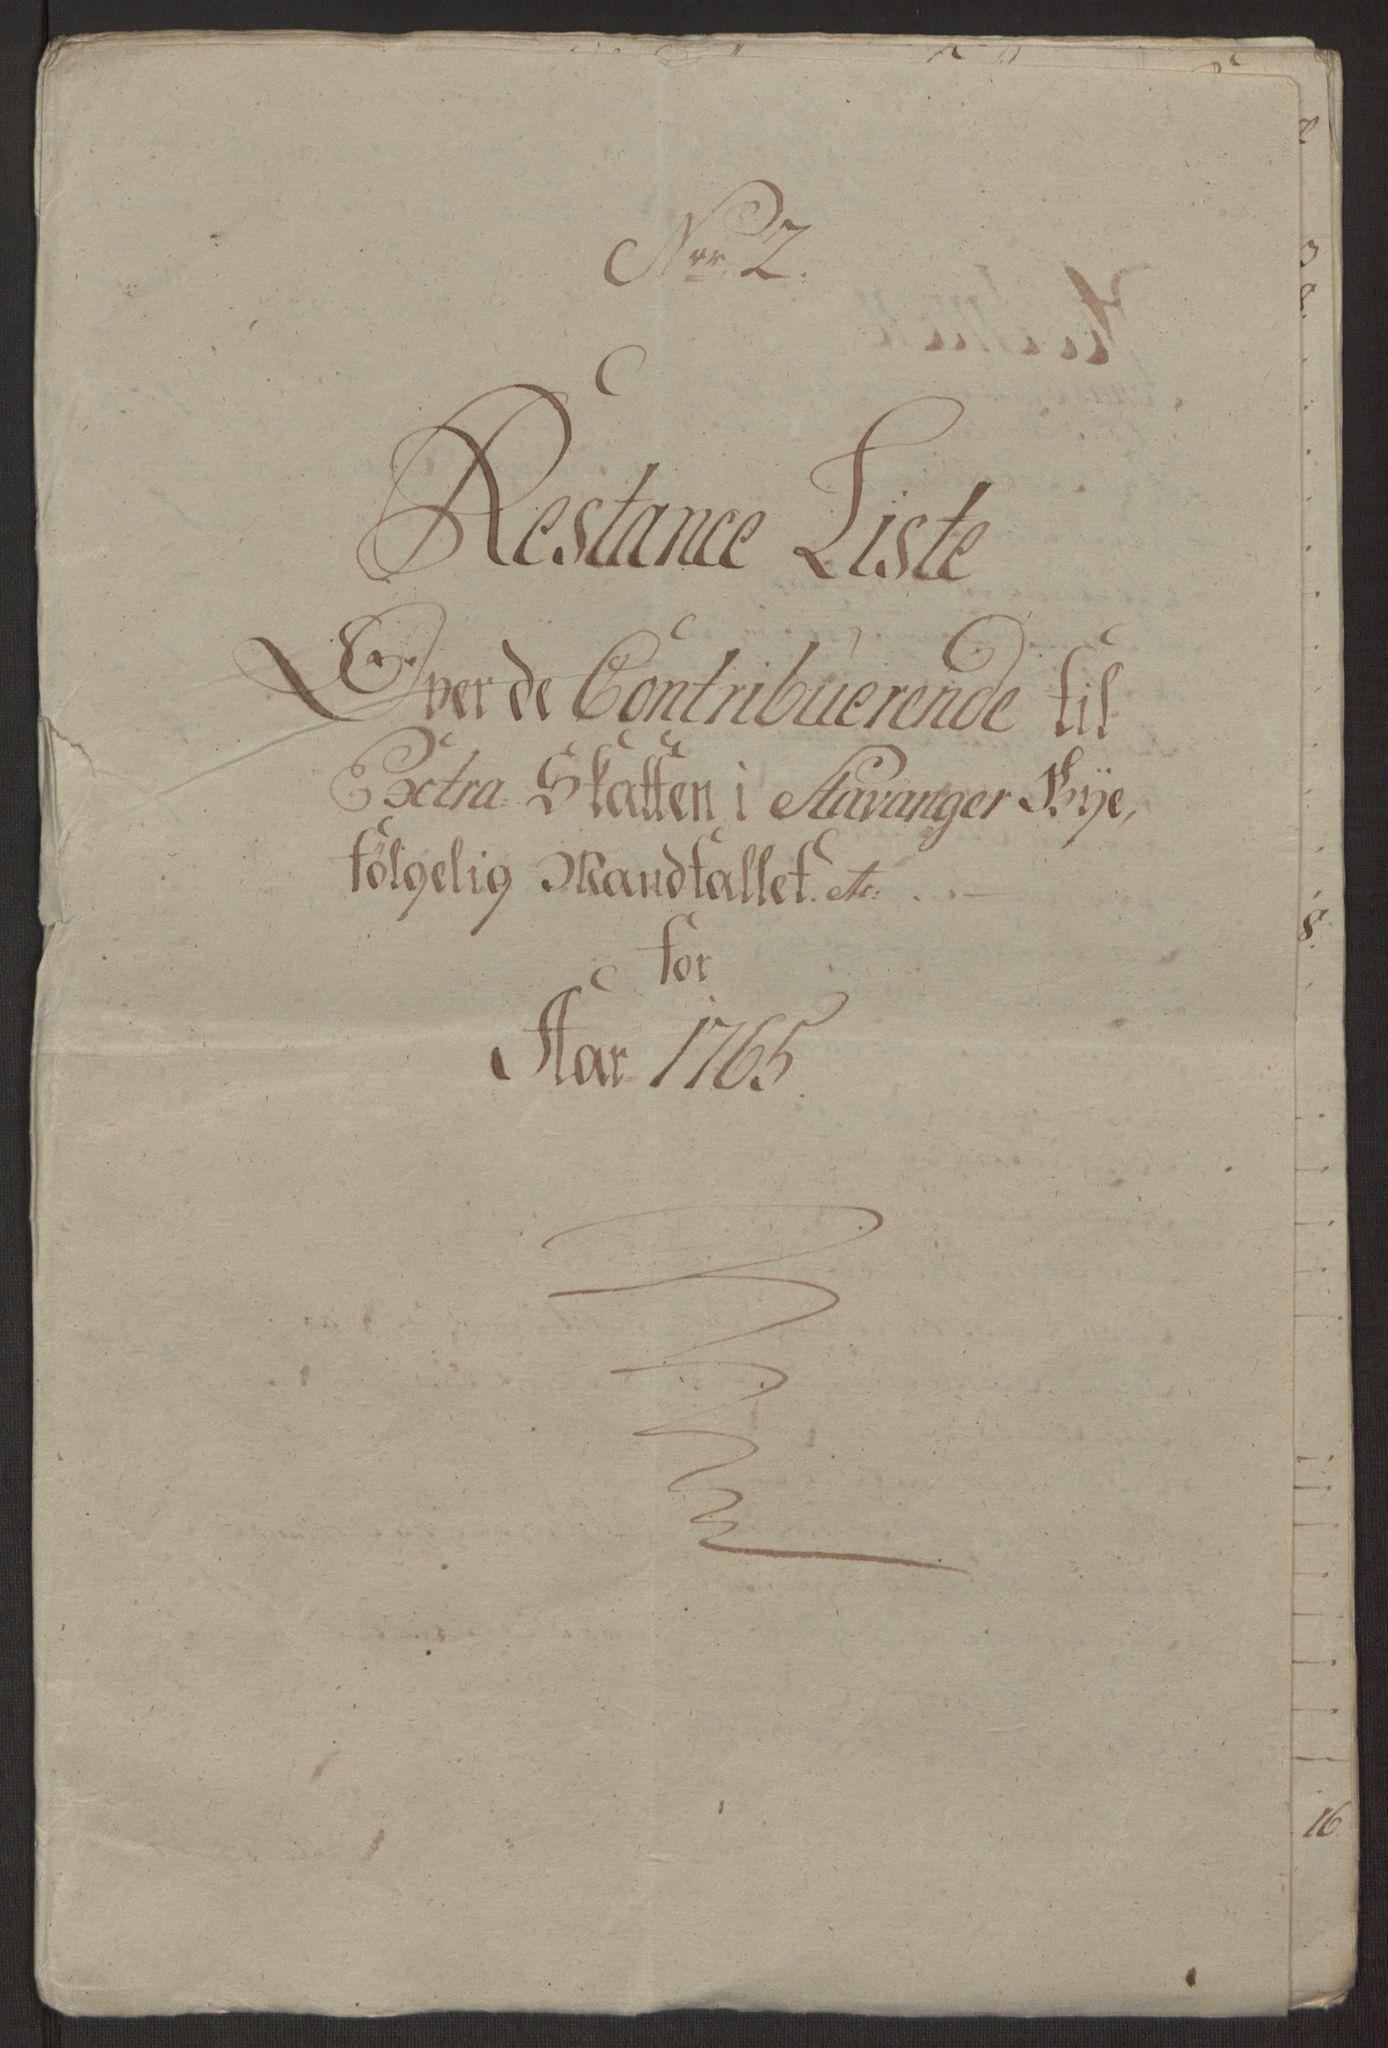 RA, Rentekammeret inntil 1814, Reviderte regnskaper, Byregnskaper, R/Ro/L0305: [O6] Kontribusjonsregnskap, 1762-1768, s. 129